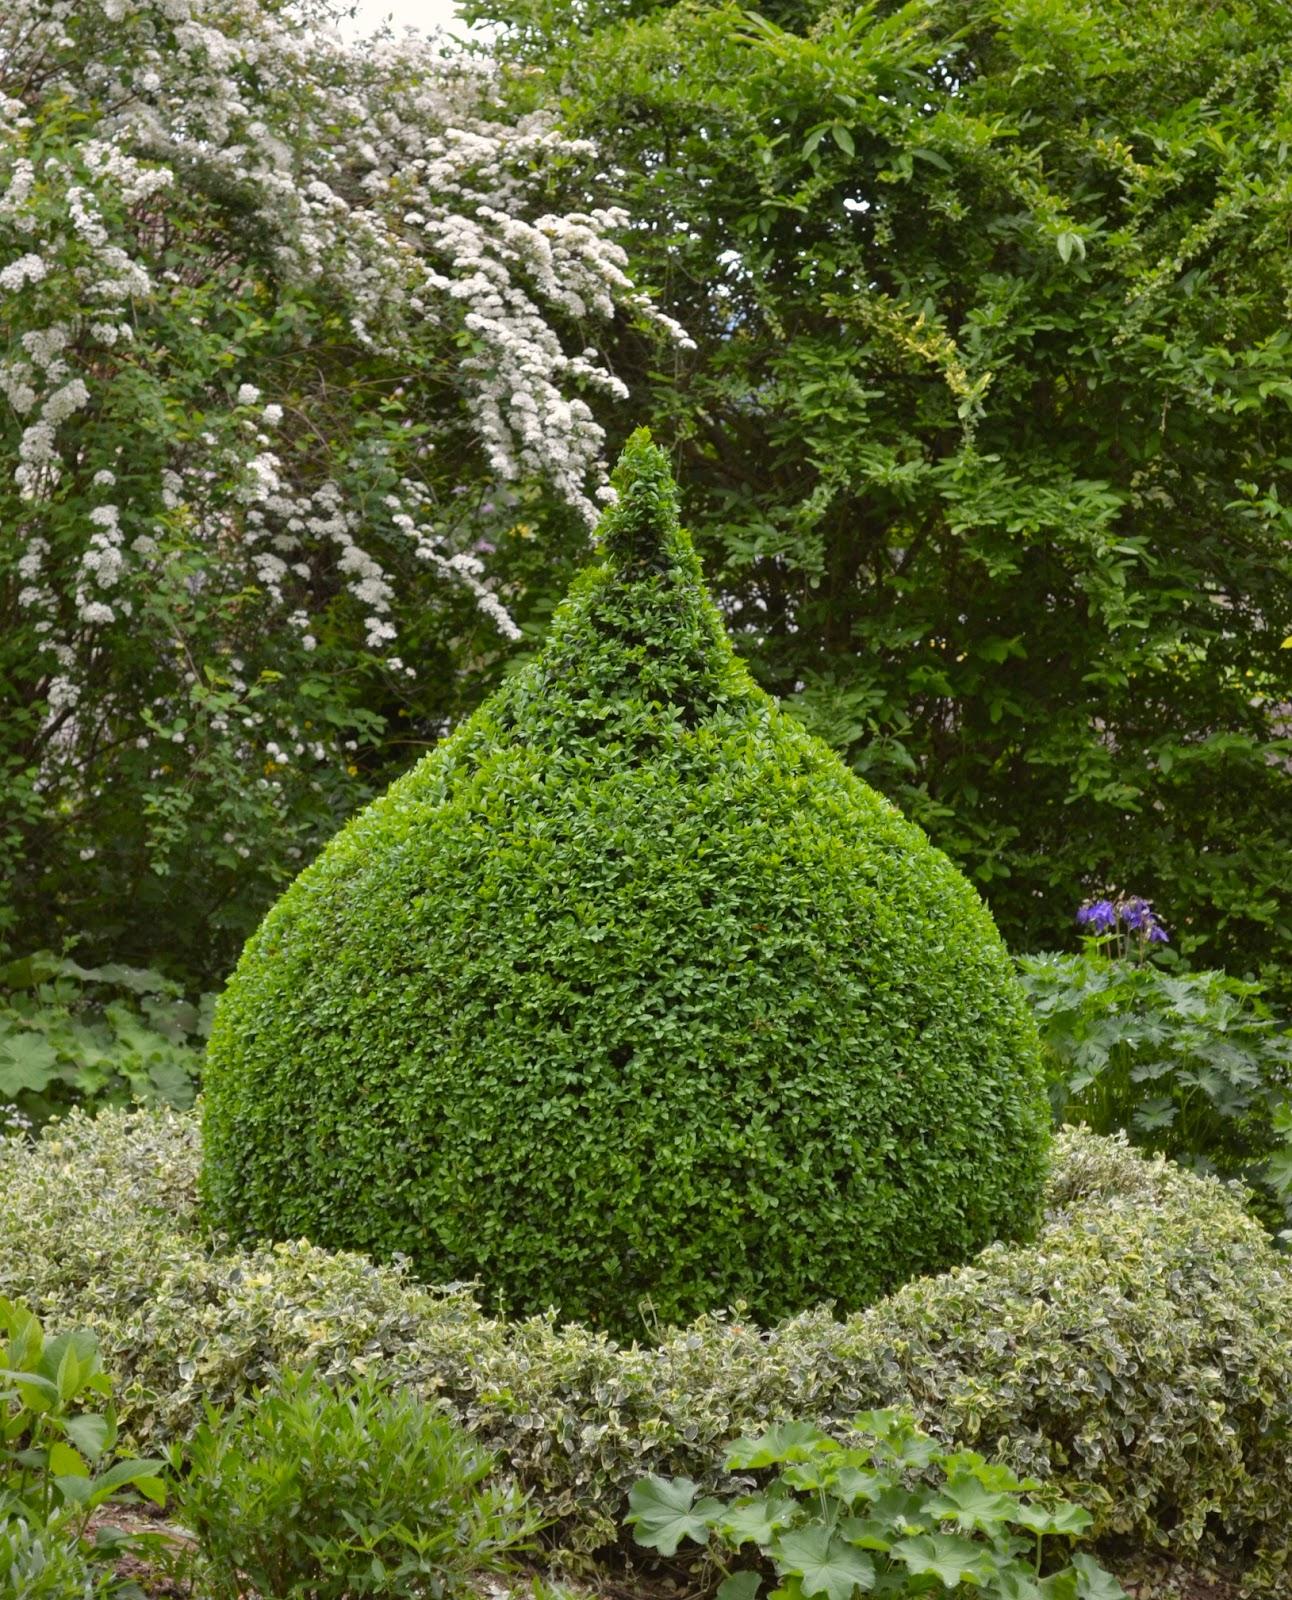 buchsbaum rund schneiden buchsbaum mit schablone schneiden mein sch ner garten buchsbaum. Black Bedroom Furniture Sets. Home Design Ideas